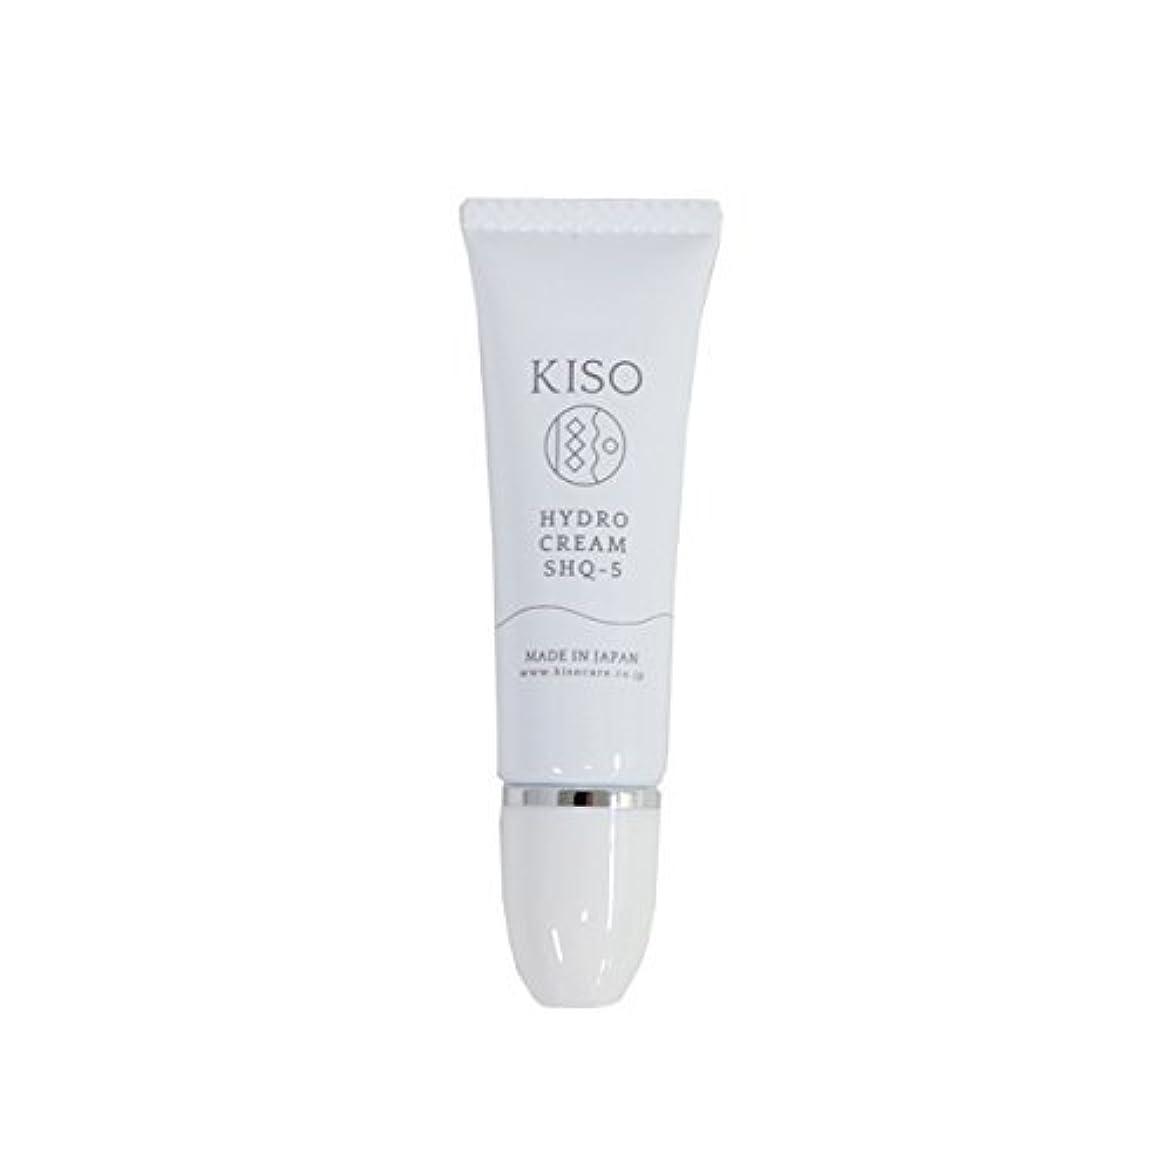 有名な踏み台寝室KISO 安定型 ハイドロキノン 5%配合【ハイドロ クリーム SHQ-5 10g】スキンケアで肌を整えた後にちょこっとケア 日本製